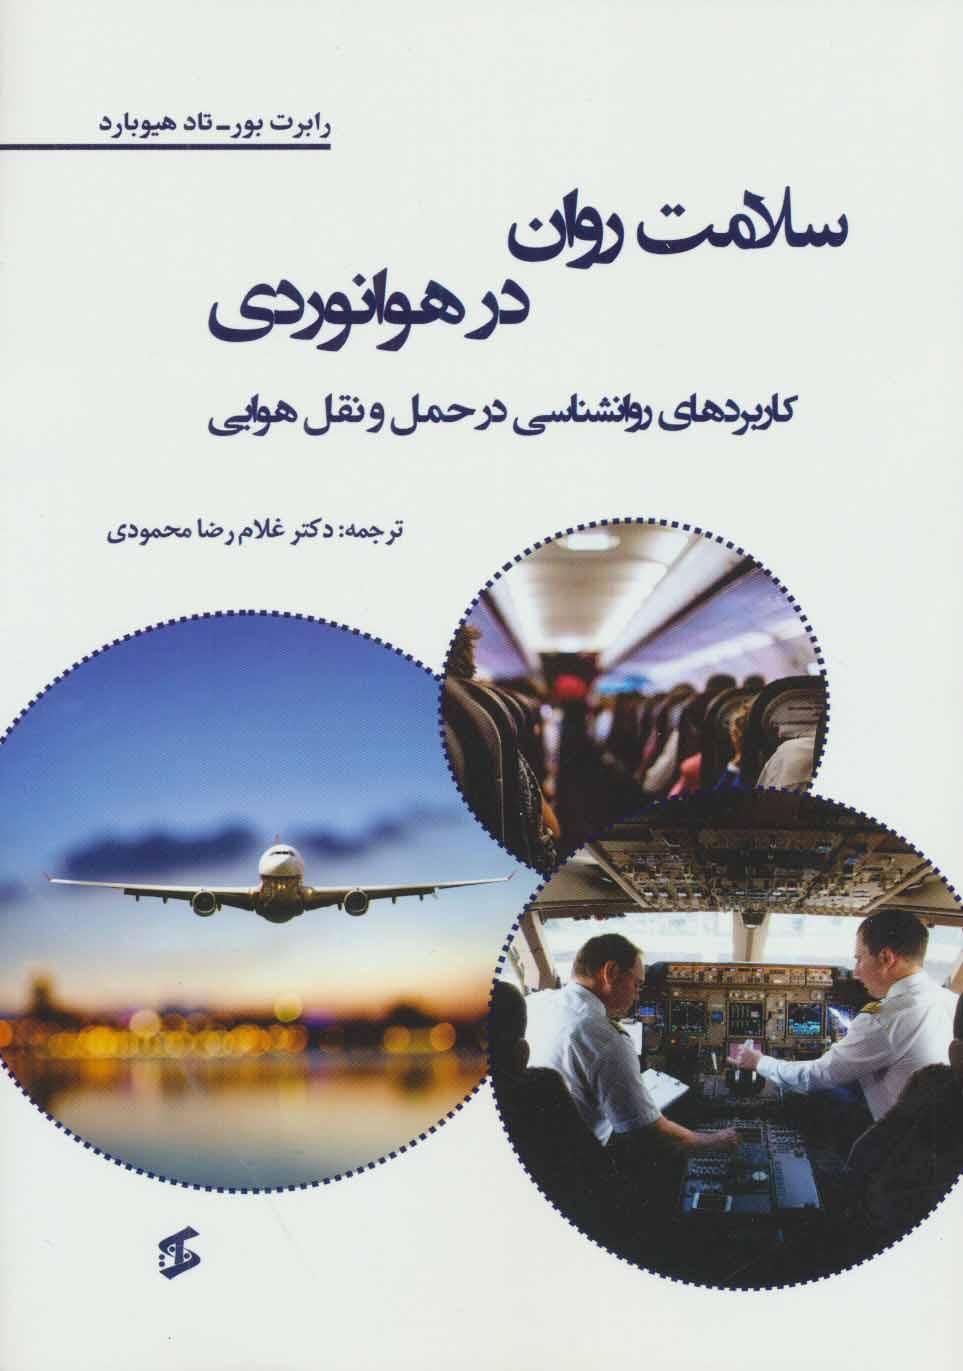 سلامت روان در هوانوردی (کاربردهای روانشناسی در حمل و نقل هوایی)